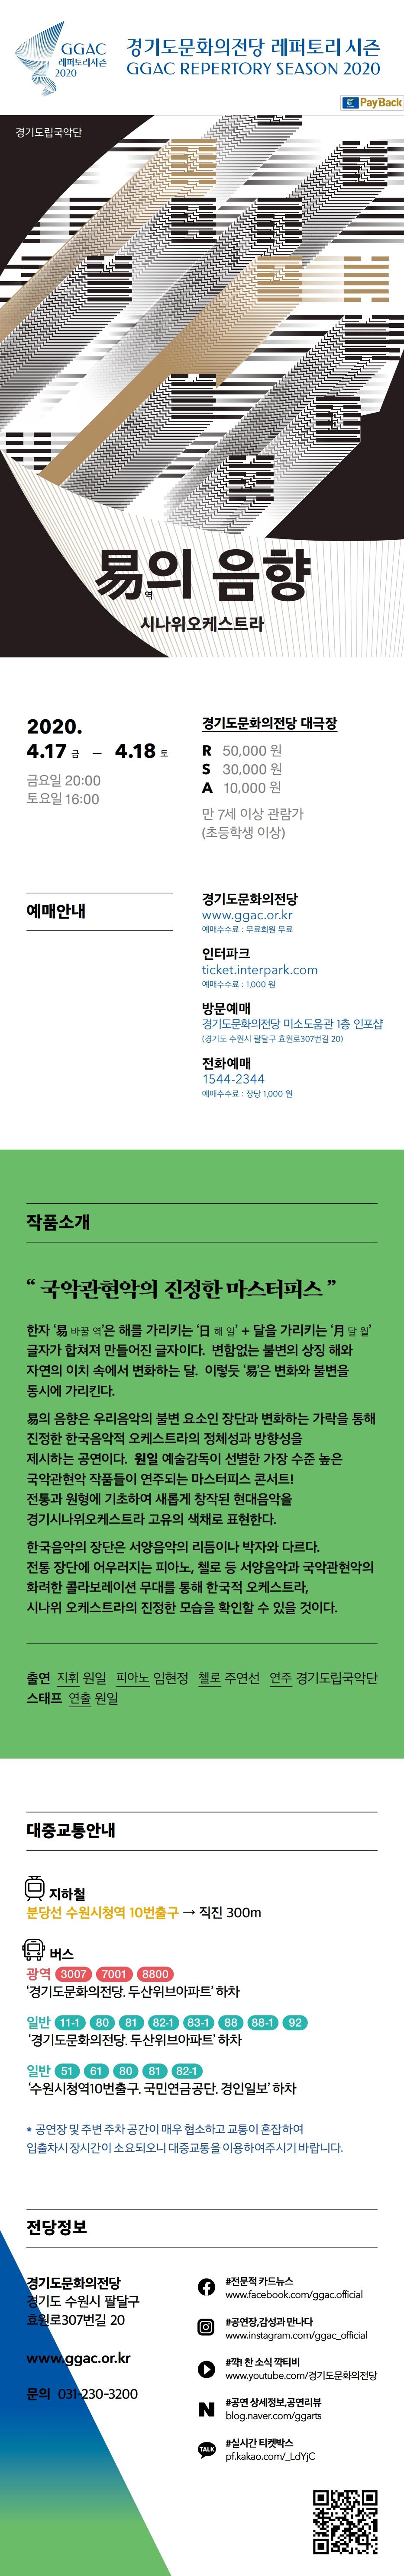 경기도립국악단 <易의 음향> - 2020 레퍼토리 시즌